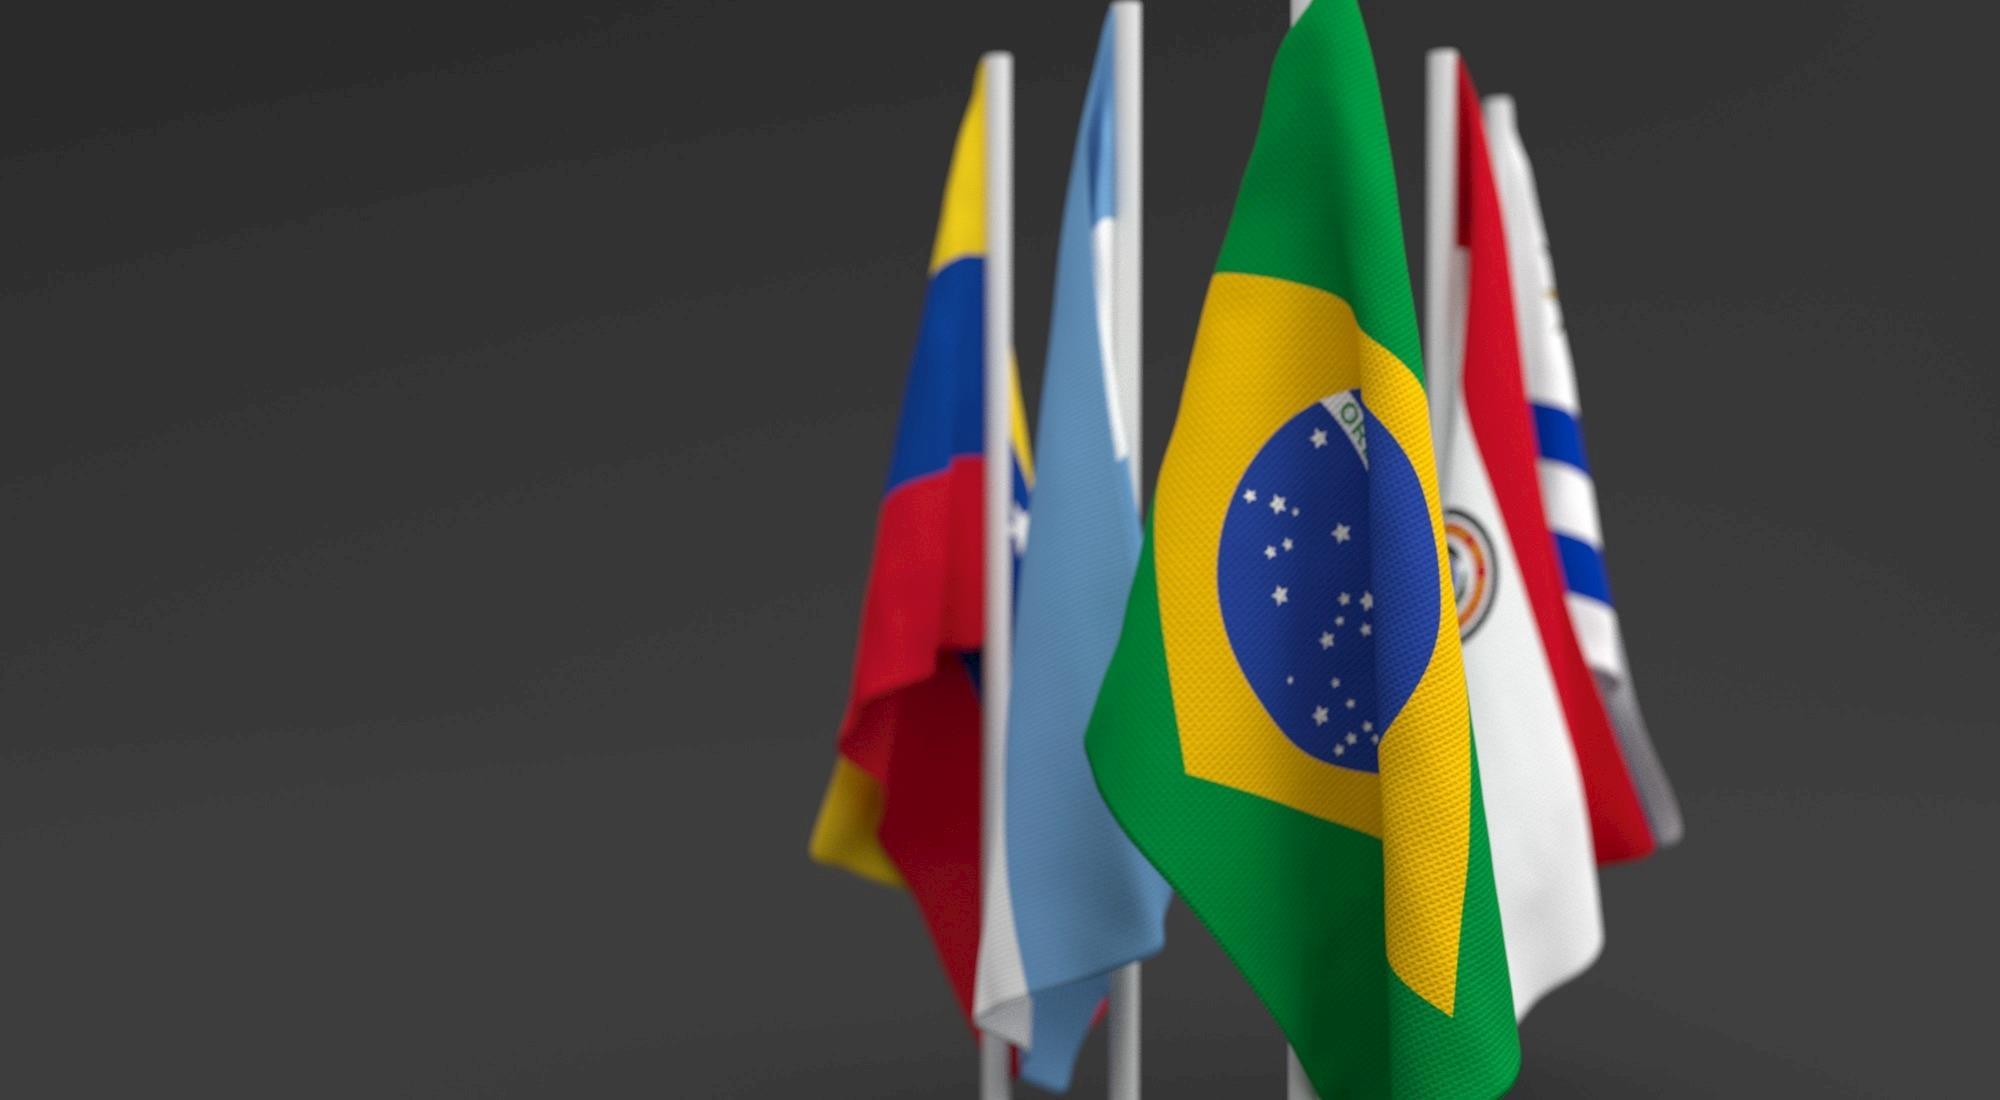 Acordo entre Mercosul e UE deve ser fechado em até 30 dias